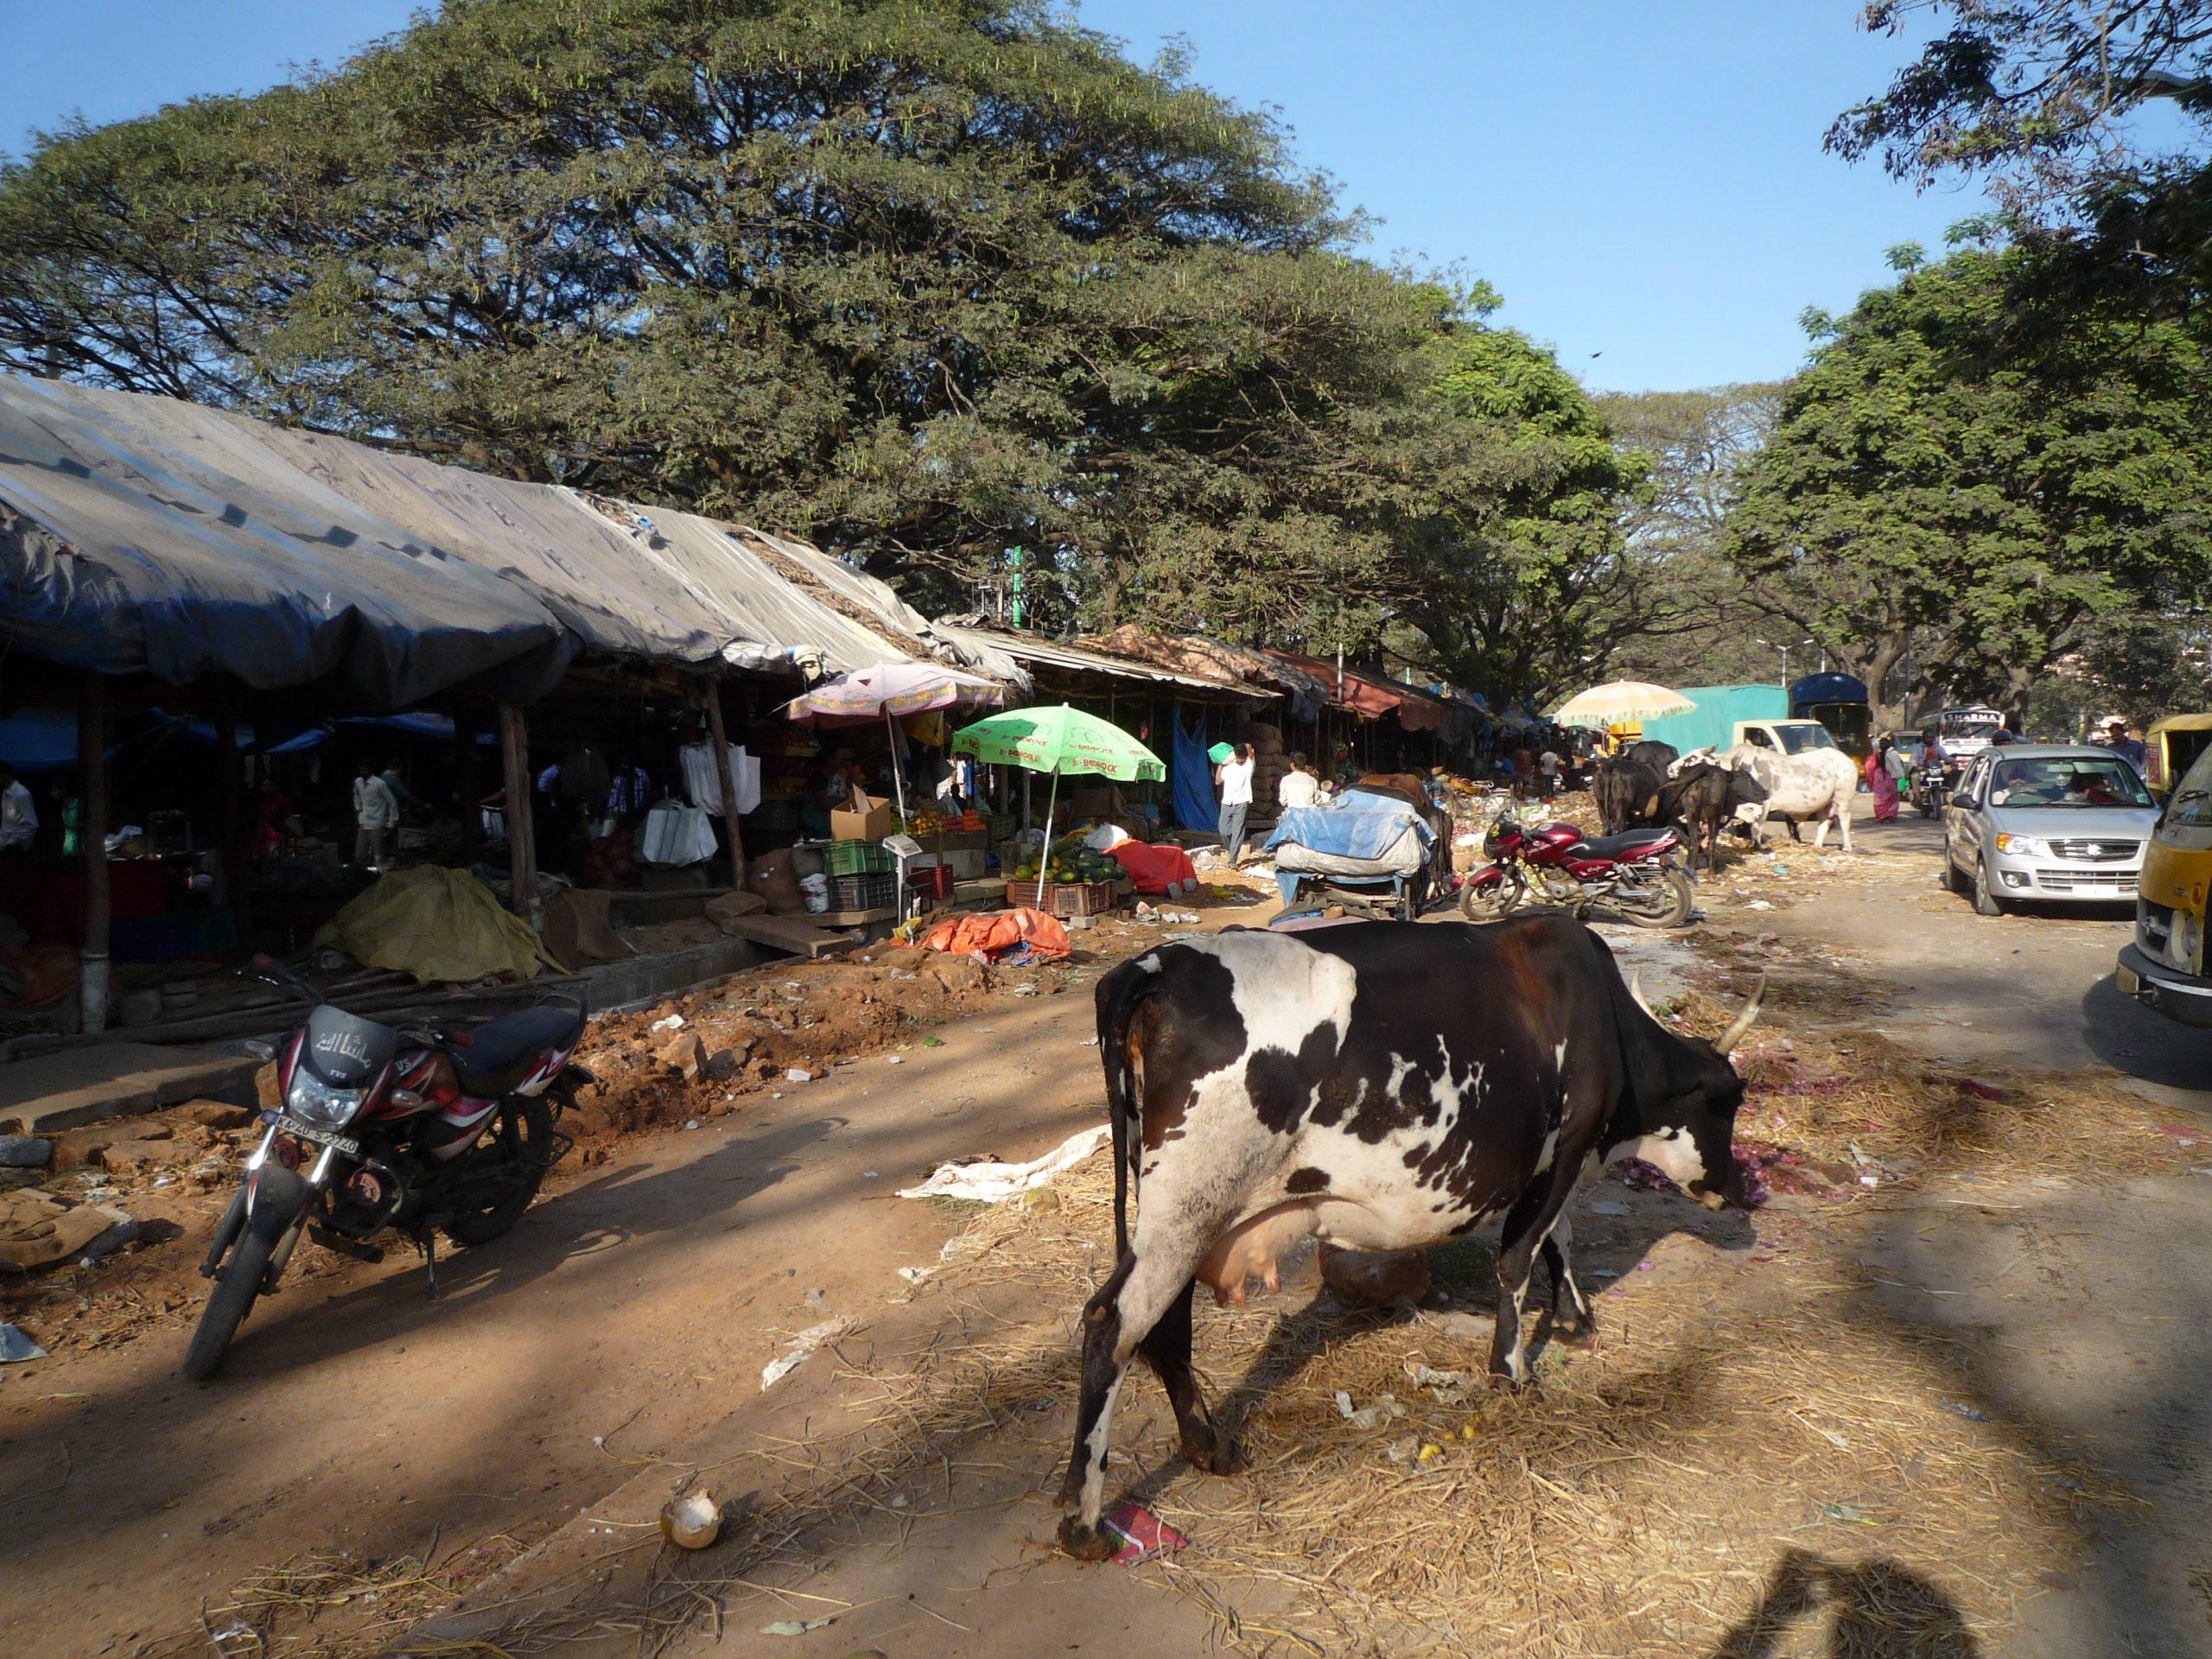 「インドの恐ろしい病原菌・腹痛・狂犬病など脅威へのおすすめ対策方法」のアイキャッチ画像